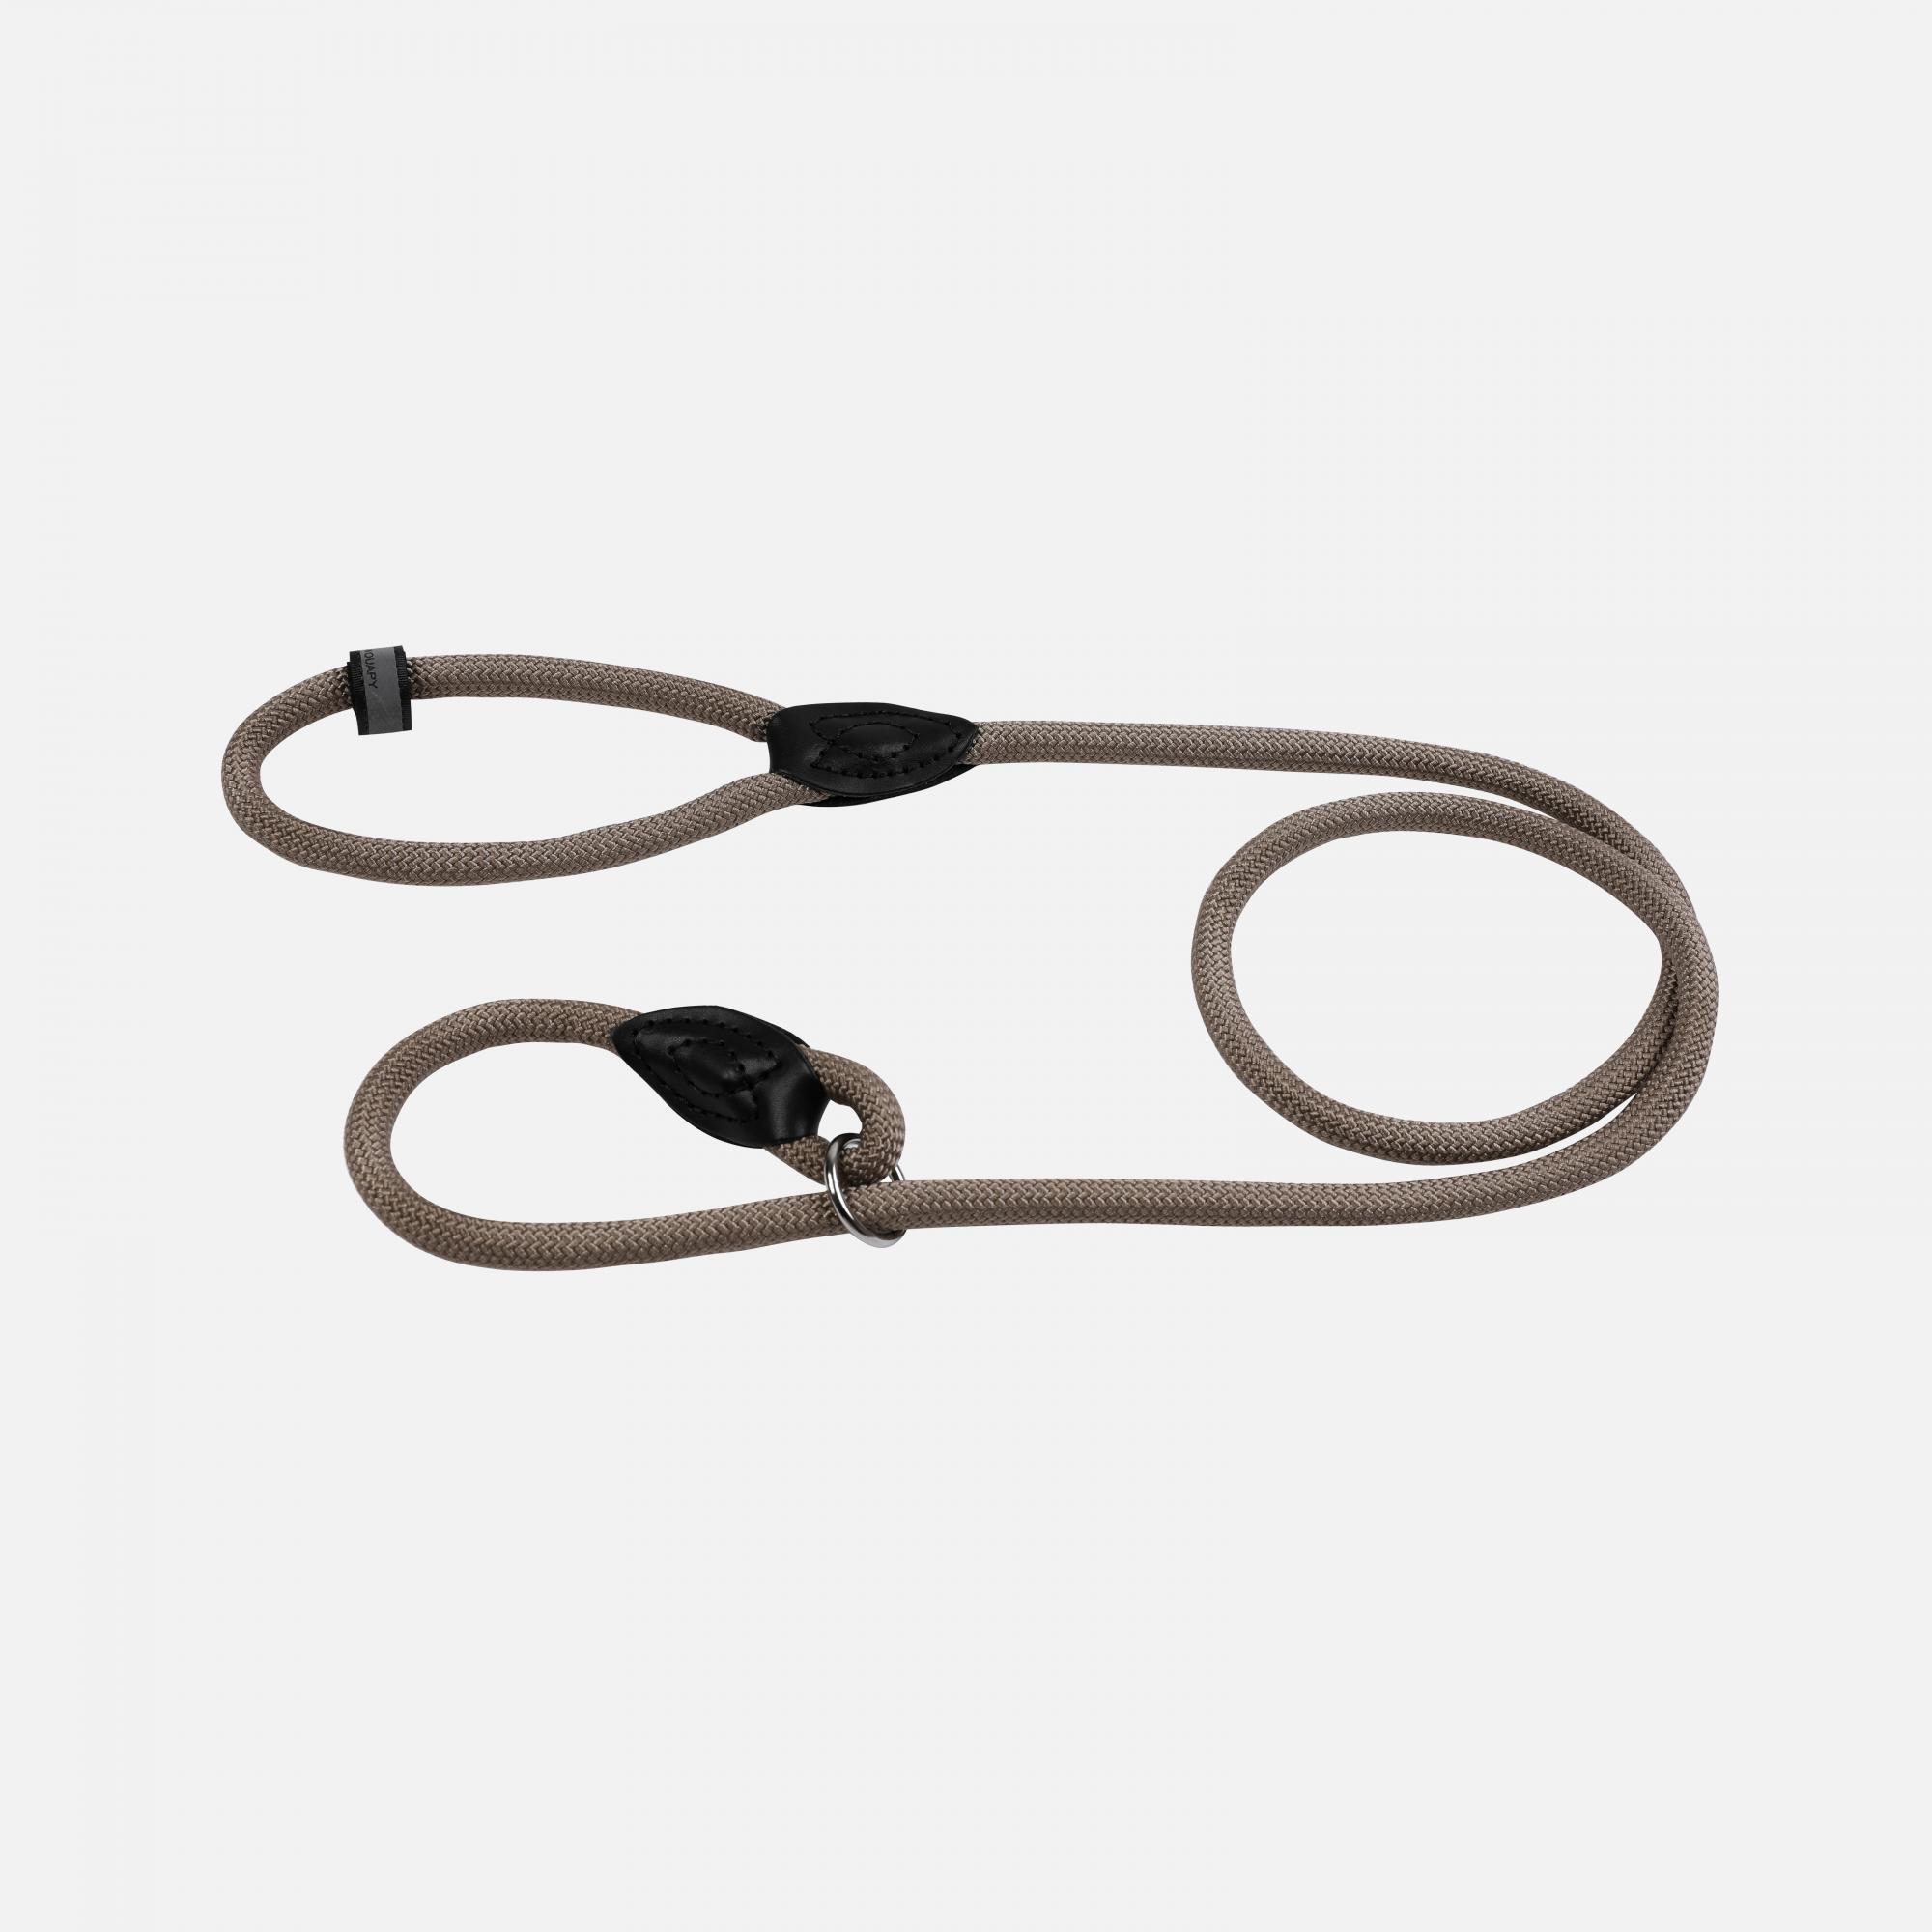 Laisse corde forte étrangleur 1,60 m Taupe par Wouapy